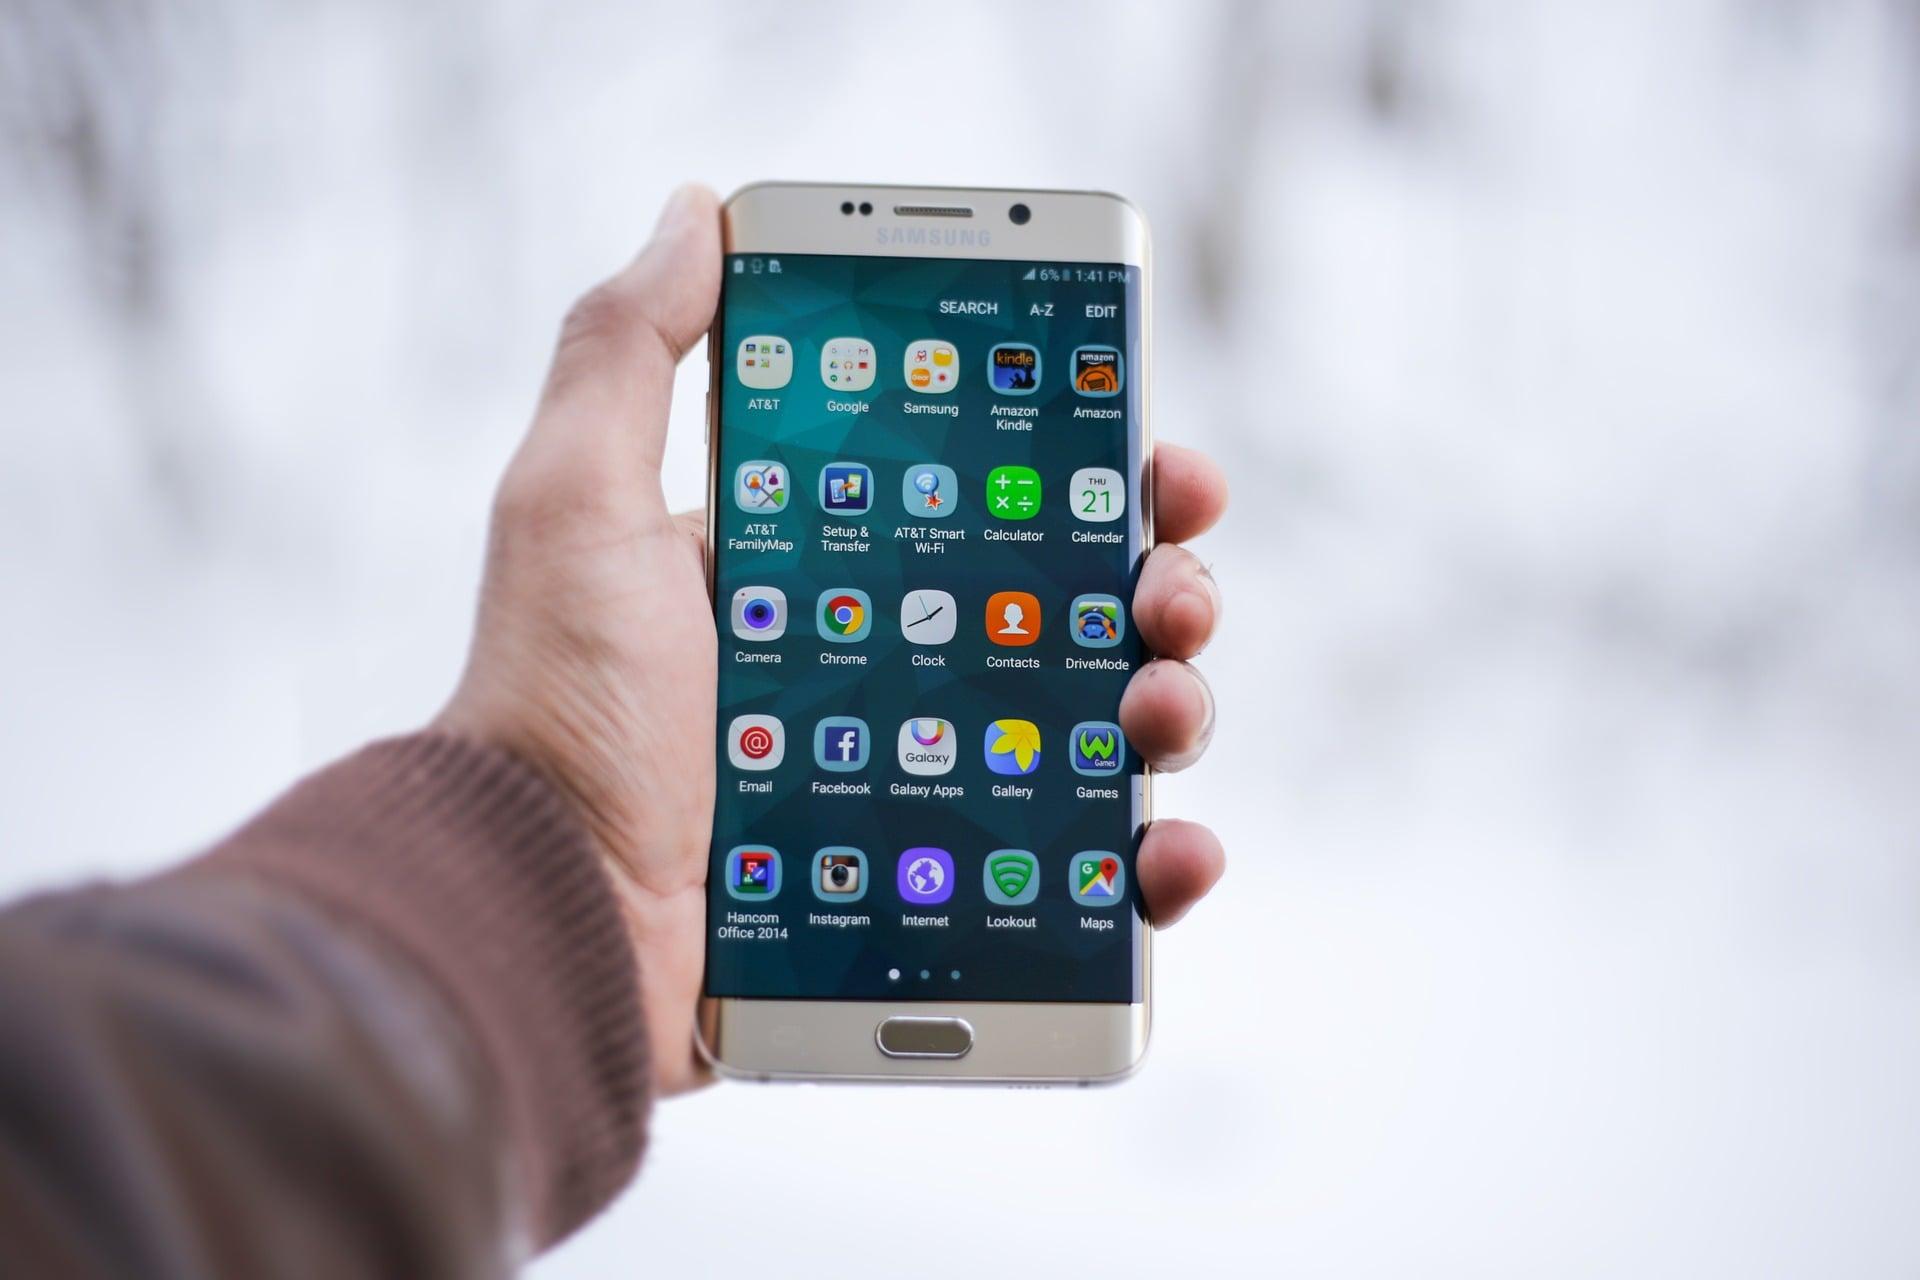 Jak wygląda lista aplikacji, które zawsze muszę mieć na smartfonie? 30